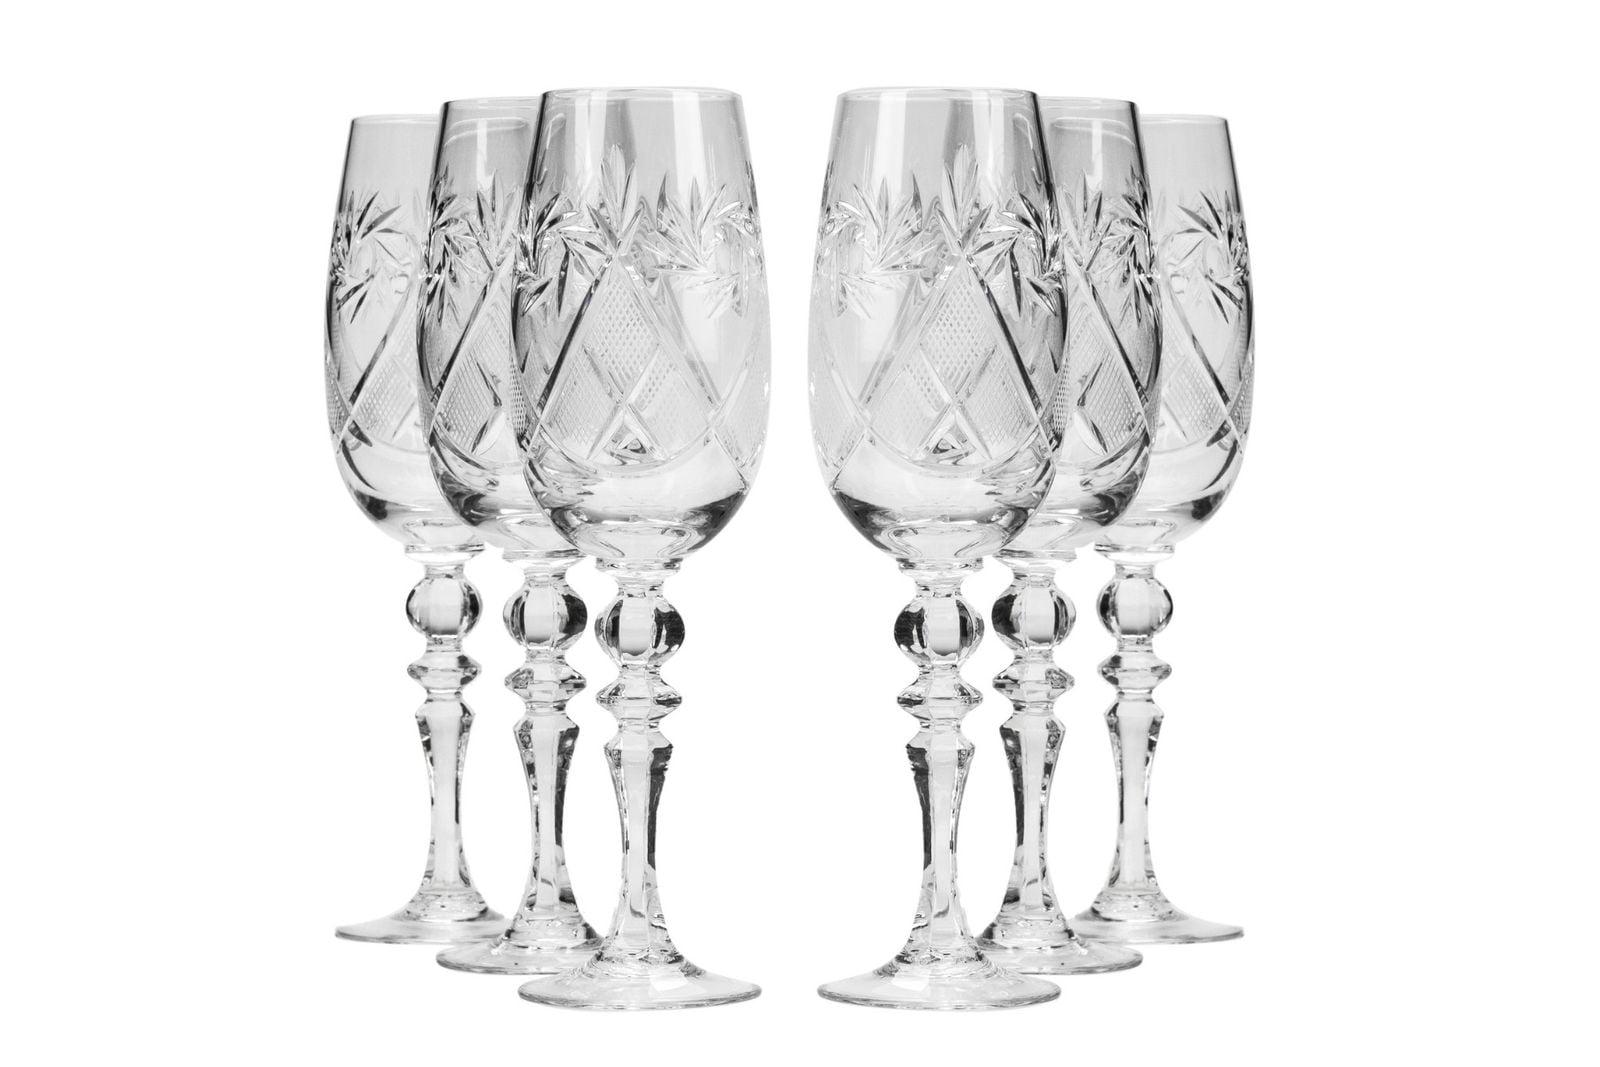 6-Oz Gold Rim Vintage Russian Crystal Champagne Flute Set of 6 Neman Glassworks